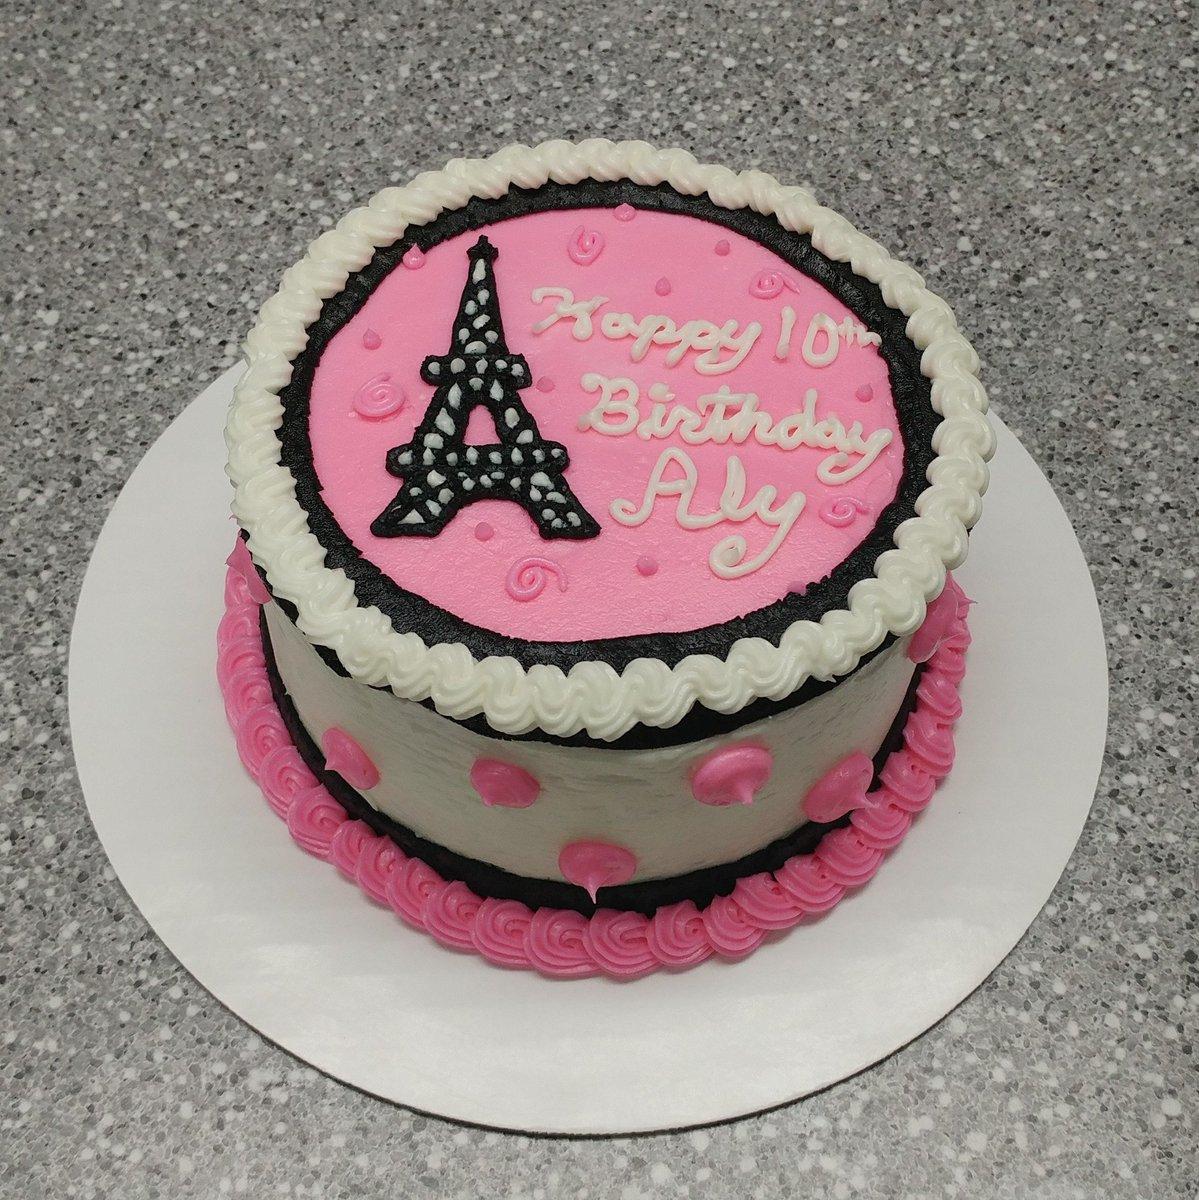 Cupcakes By Flea On Twitter Paris Birthday Cake Paris Birthday